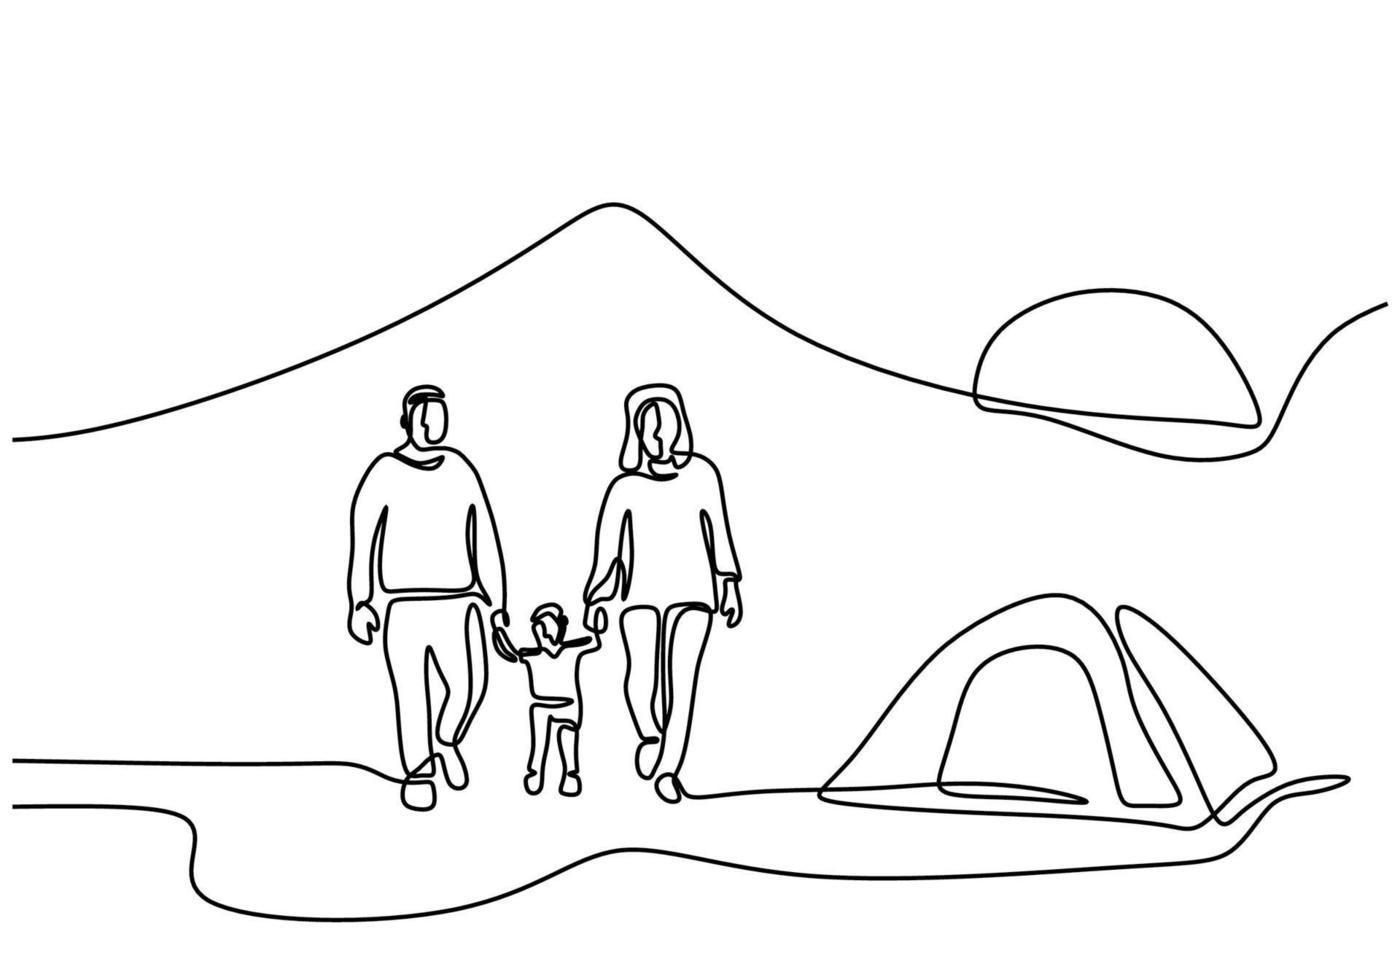 dibujo de una línea de camping familiar. feliz padre, madre, hija e hijo haciendo un picnic con una carpa al aire libre. pasar el tiempo de vacaciones acampando. vacaciones en la naturaleza. estilo minimalista. ilustración vectorial vector